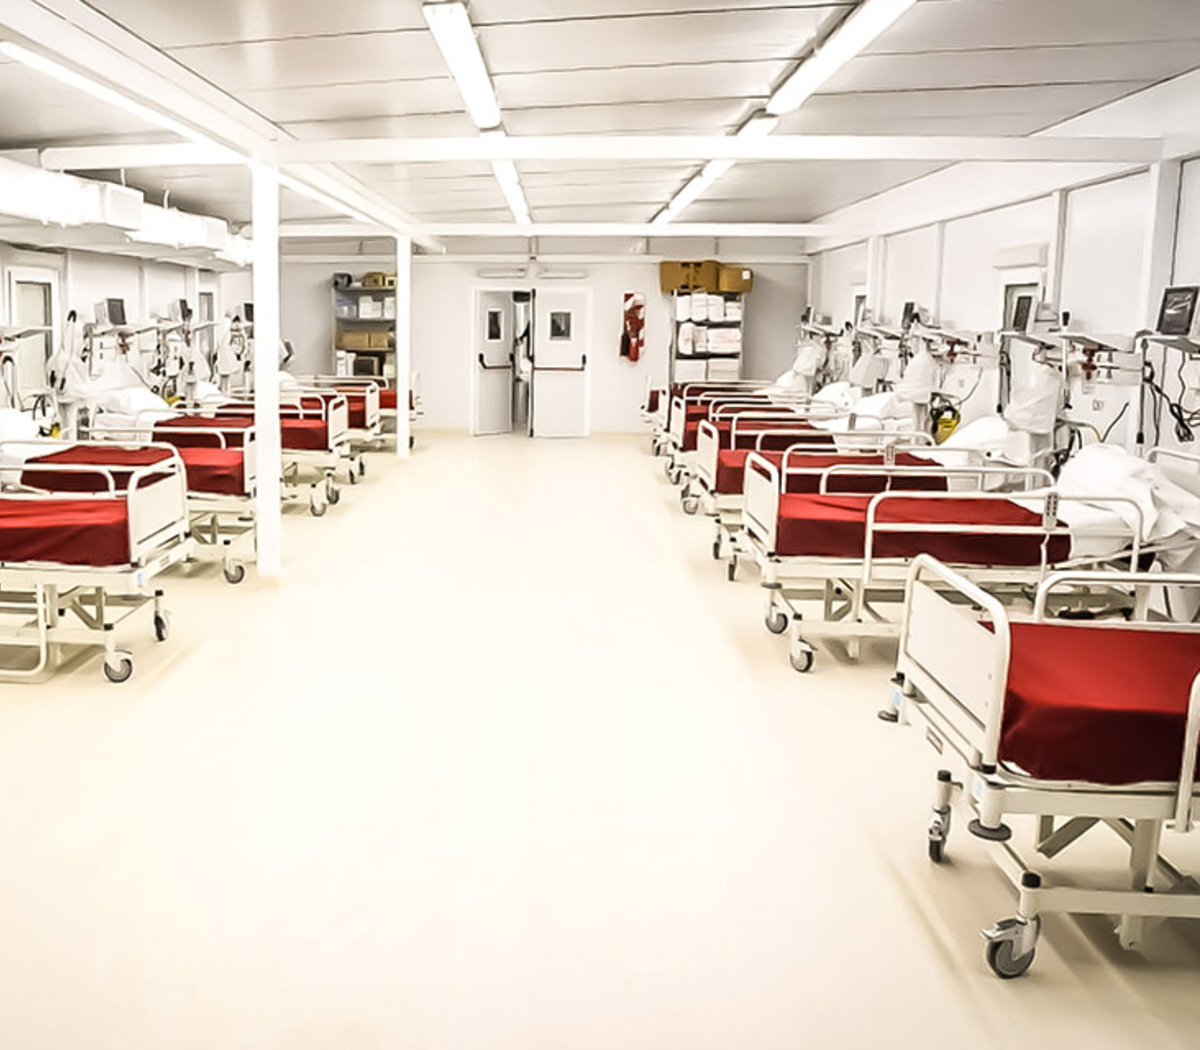 El turno del hospital modular | Las dificultades de... | Página12